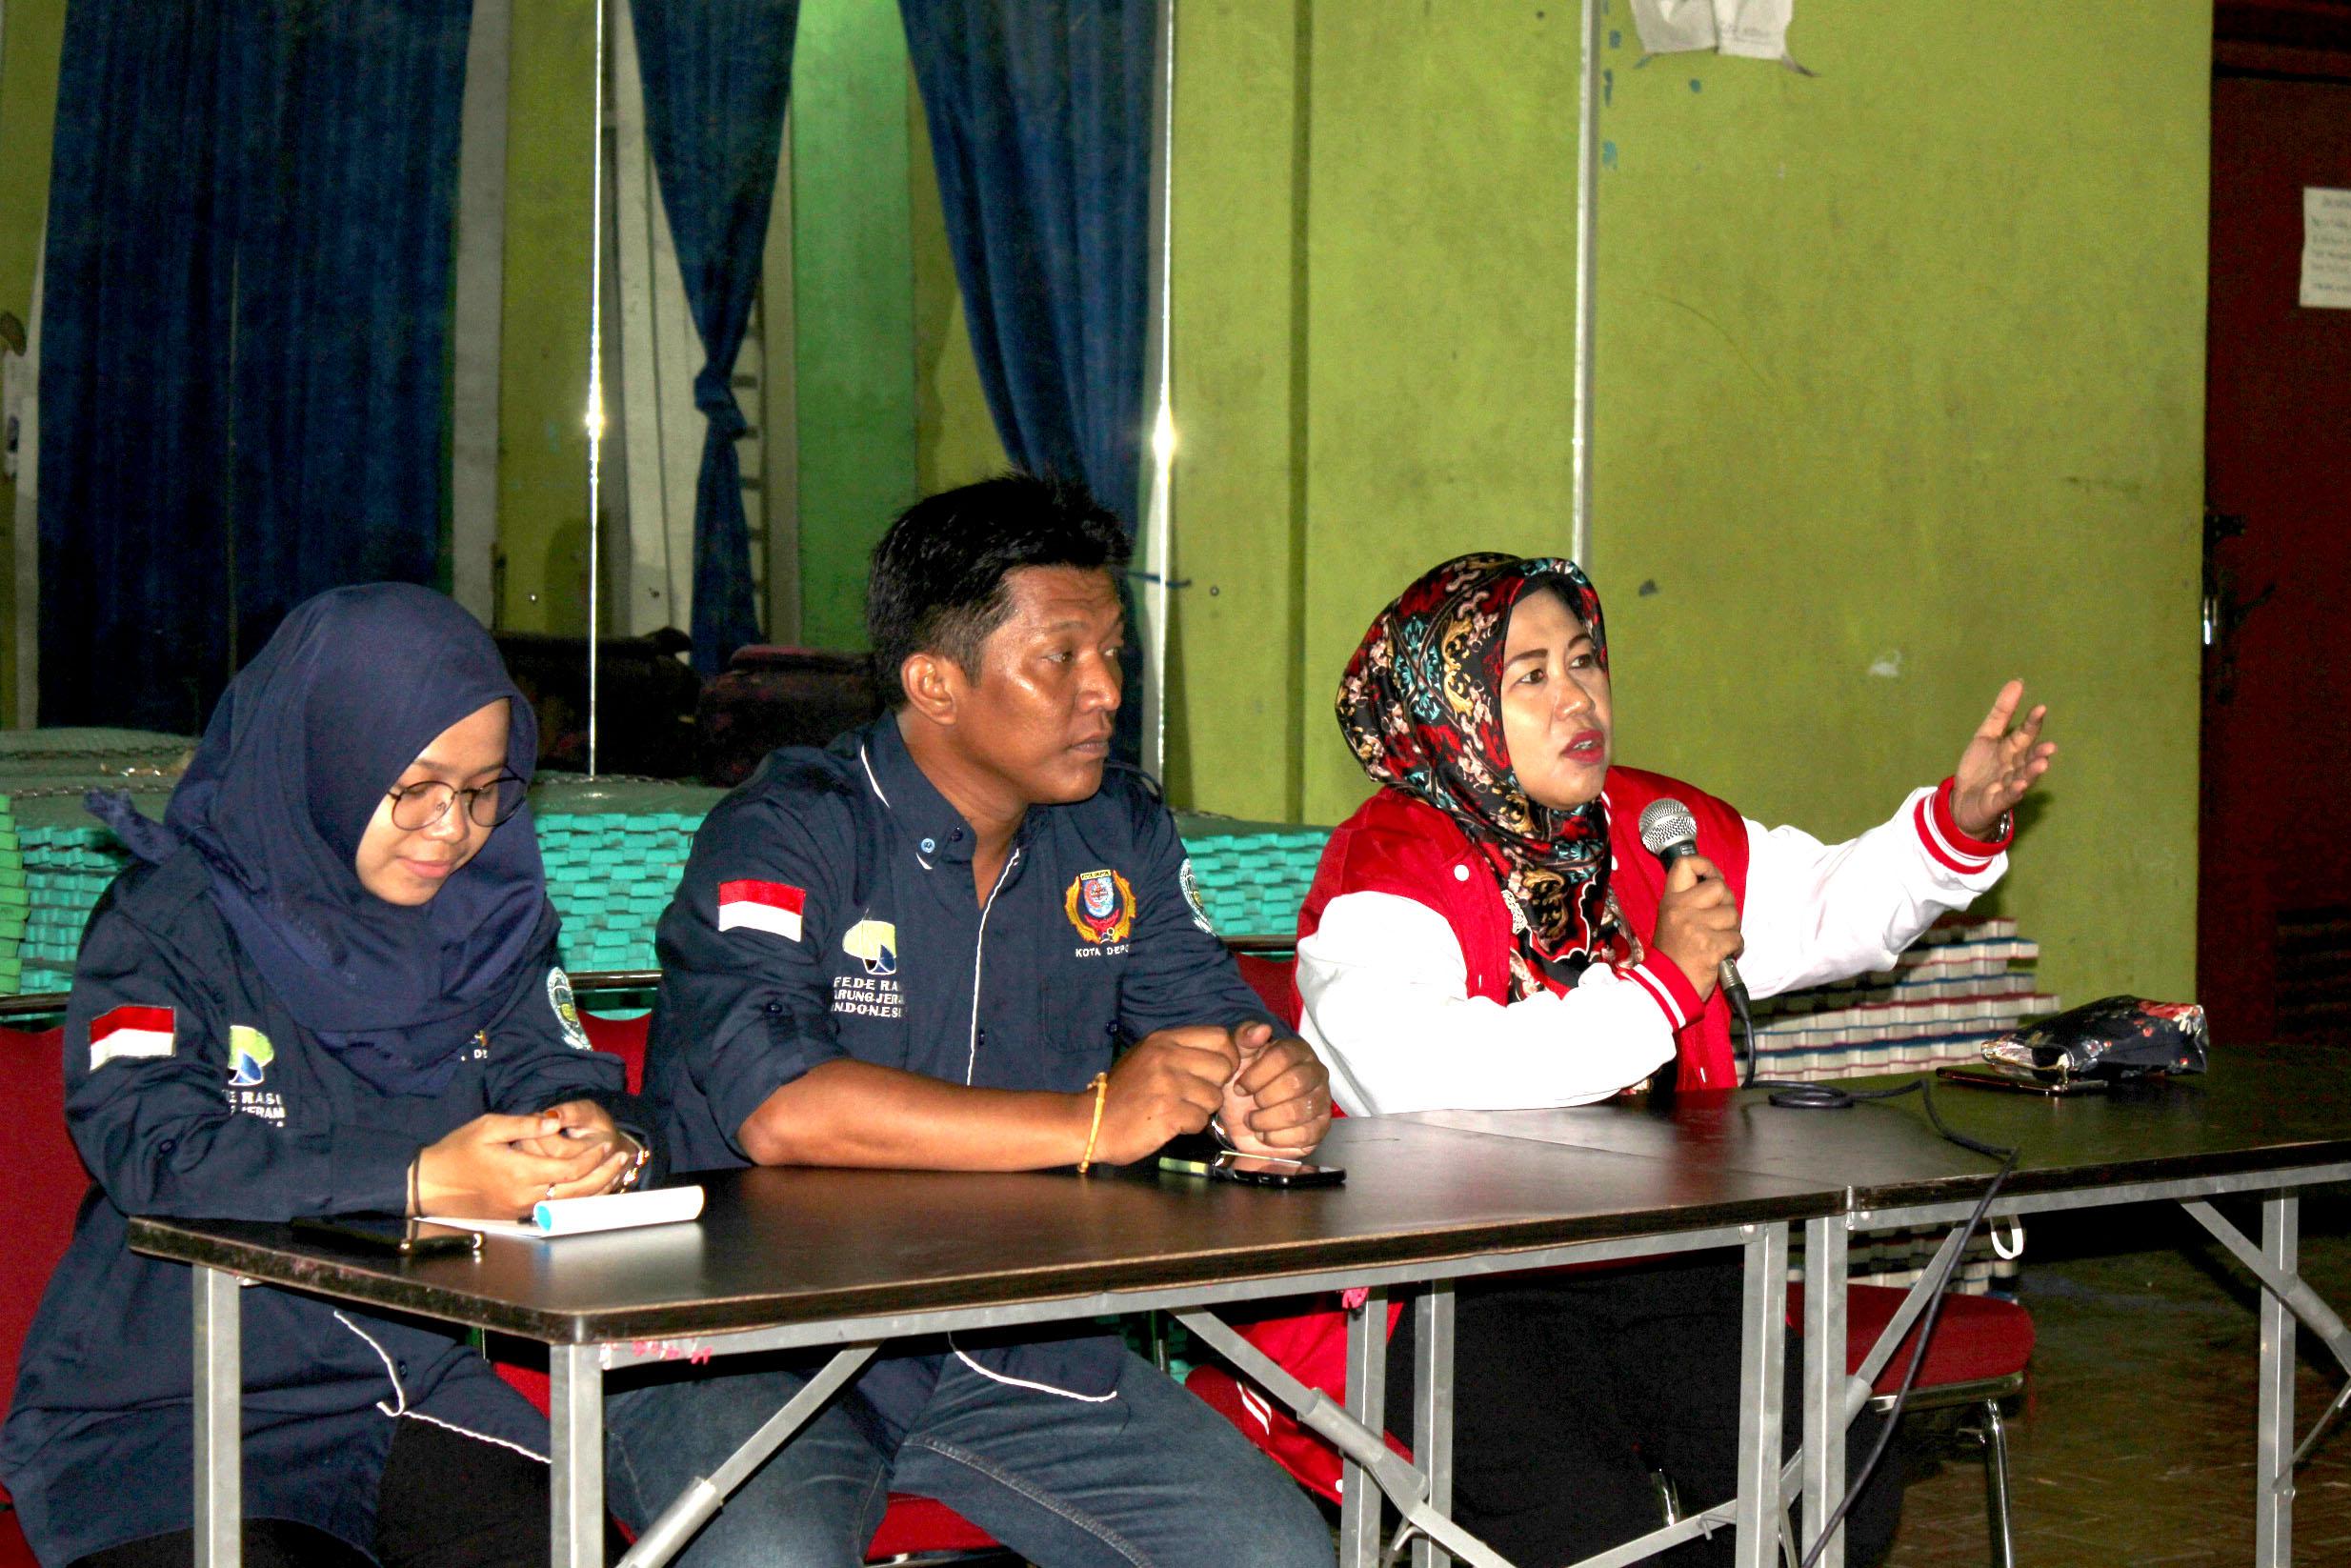 Nina Suzana, S.Sos. M.Si. Ketua Umum Federasi Arum Jeram Kota Depok memberikan motivasi kepada anggota baru di acara rekrutmen anggota baru FAJI di aula KONI Kota Depok, Sabtu (09/02/19).